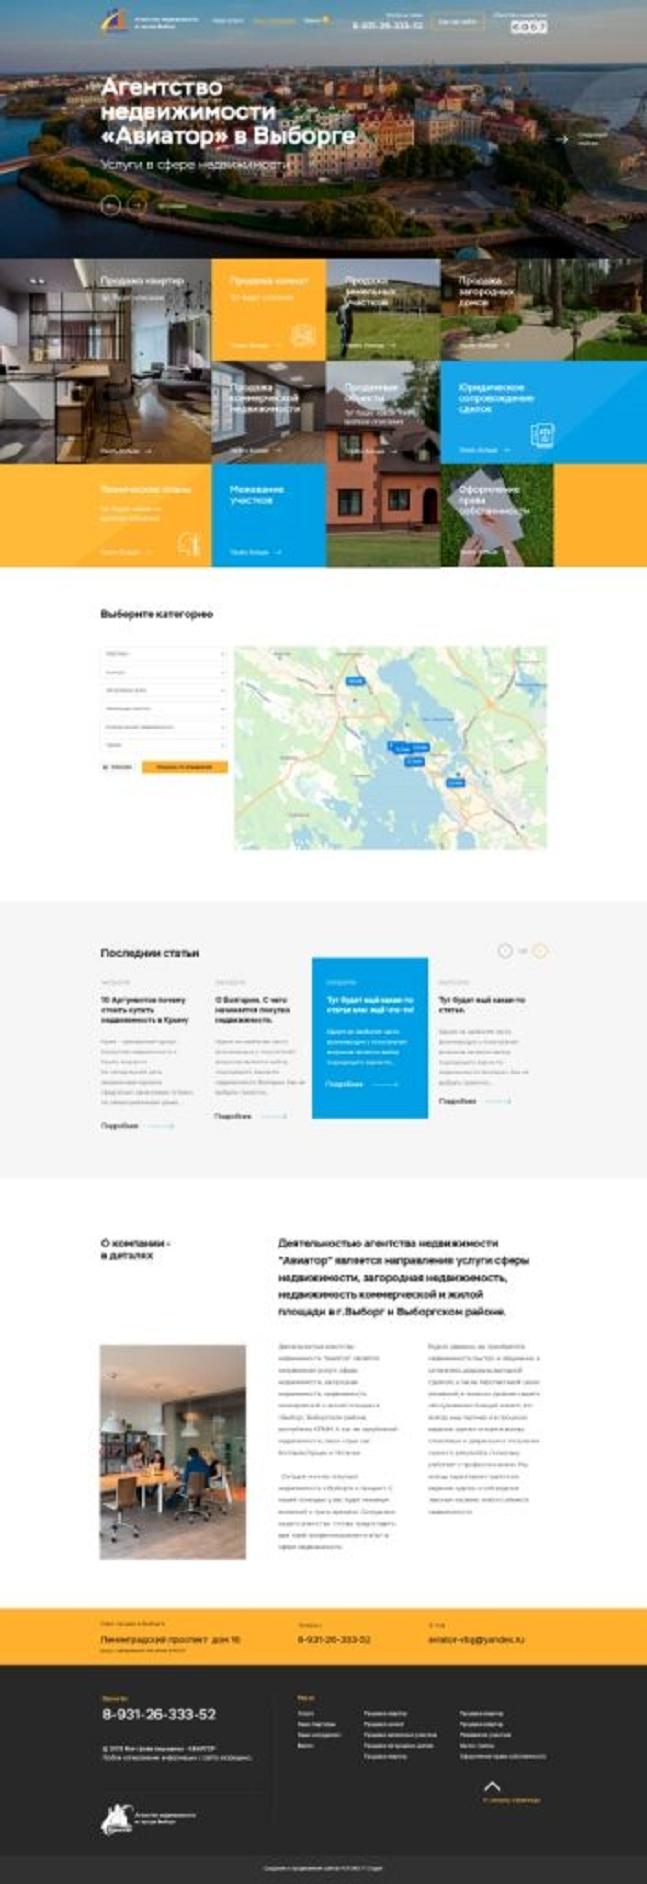 АН Авиатор - недвижимость и земельные участки в Выборге